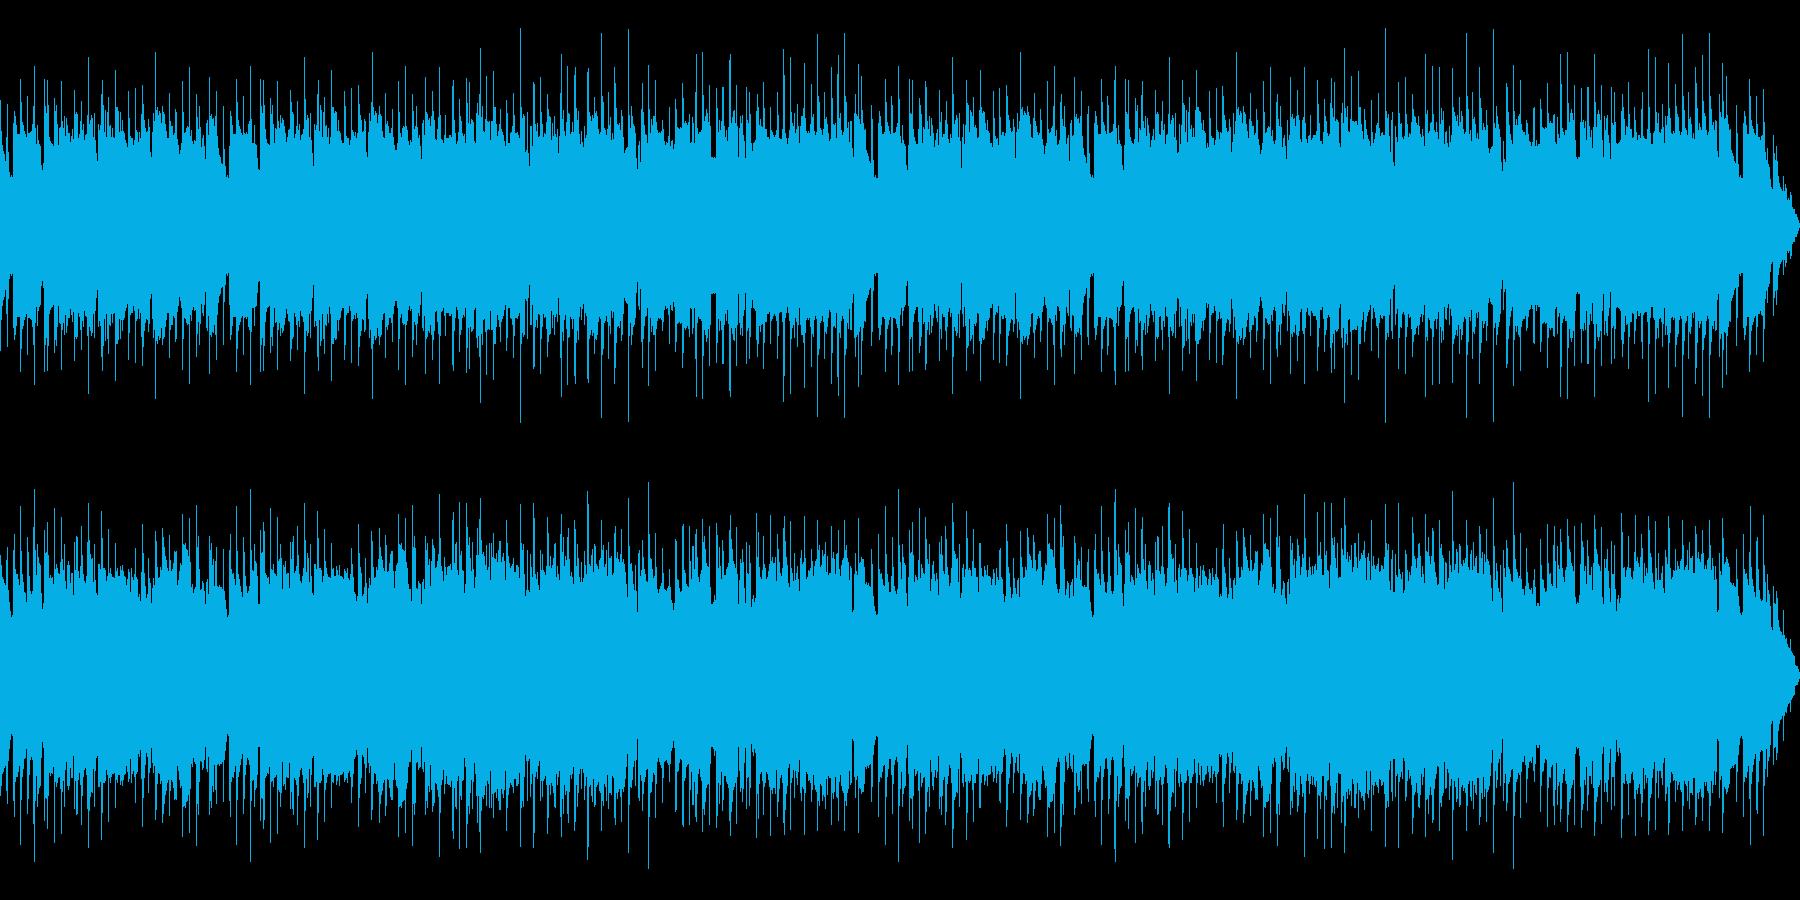 エレピのメロディーが印象深い明るいBGMの再生済みの波形